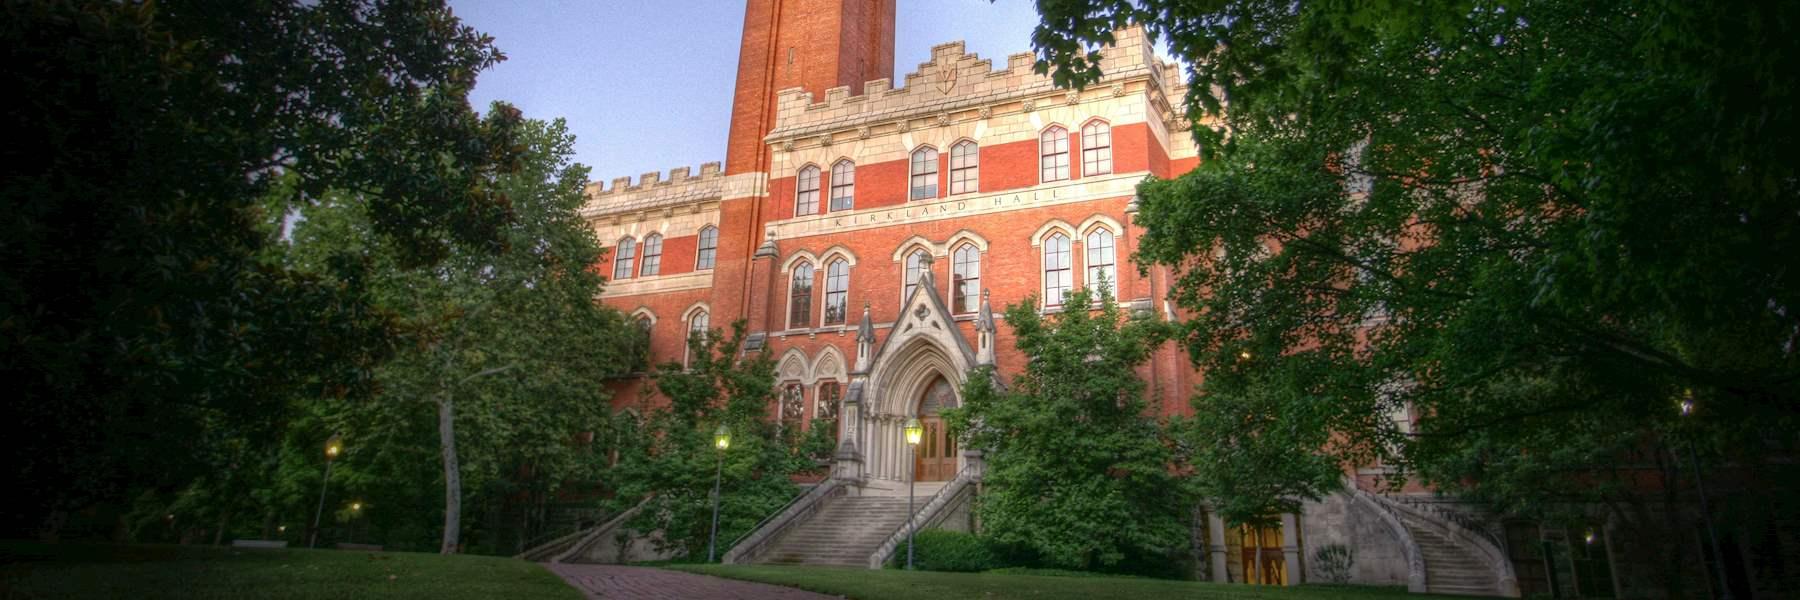 Residence Inn Nashville Vanderbilt/West End